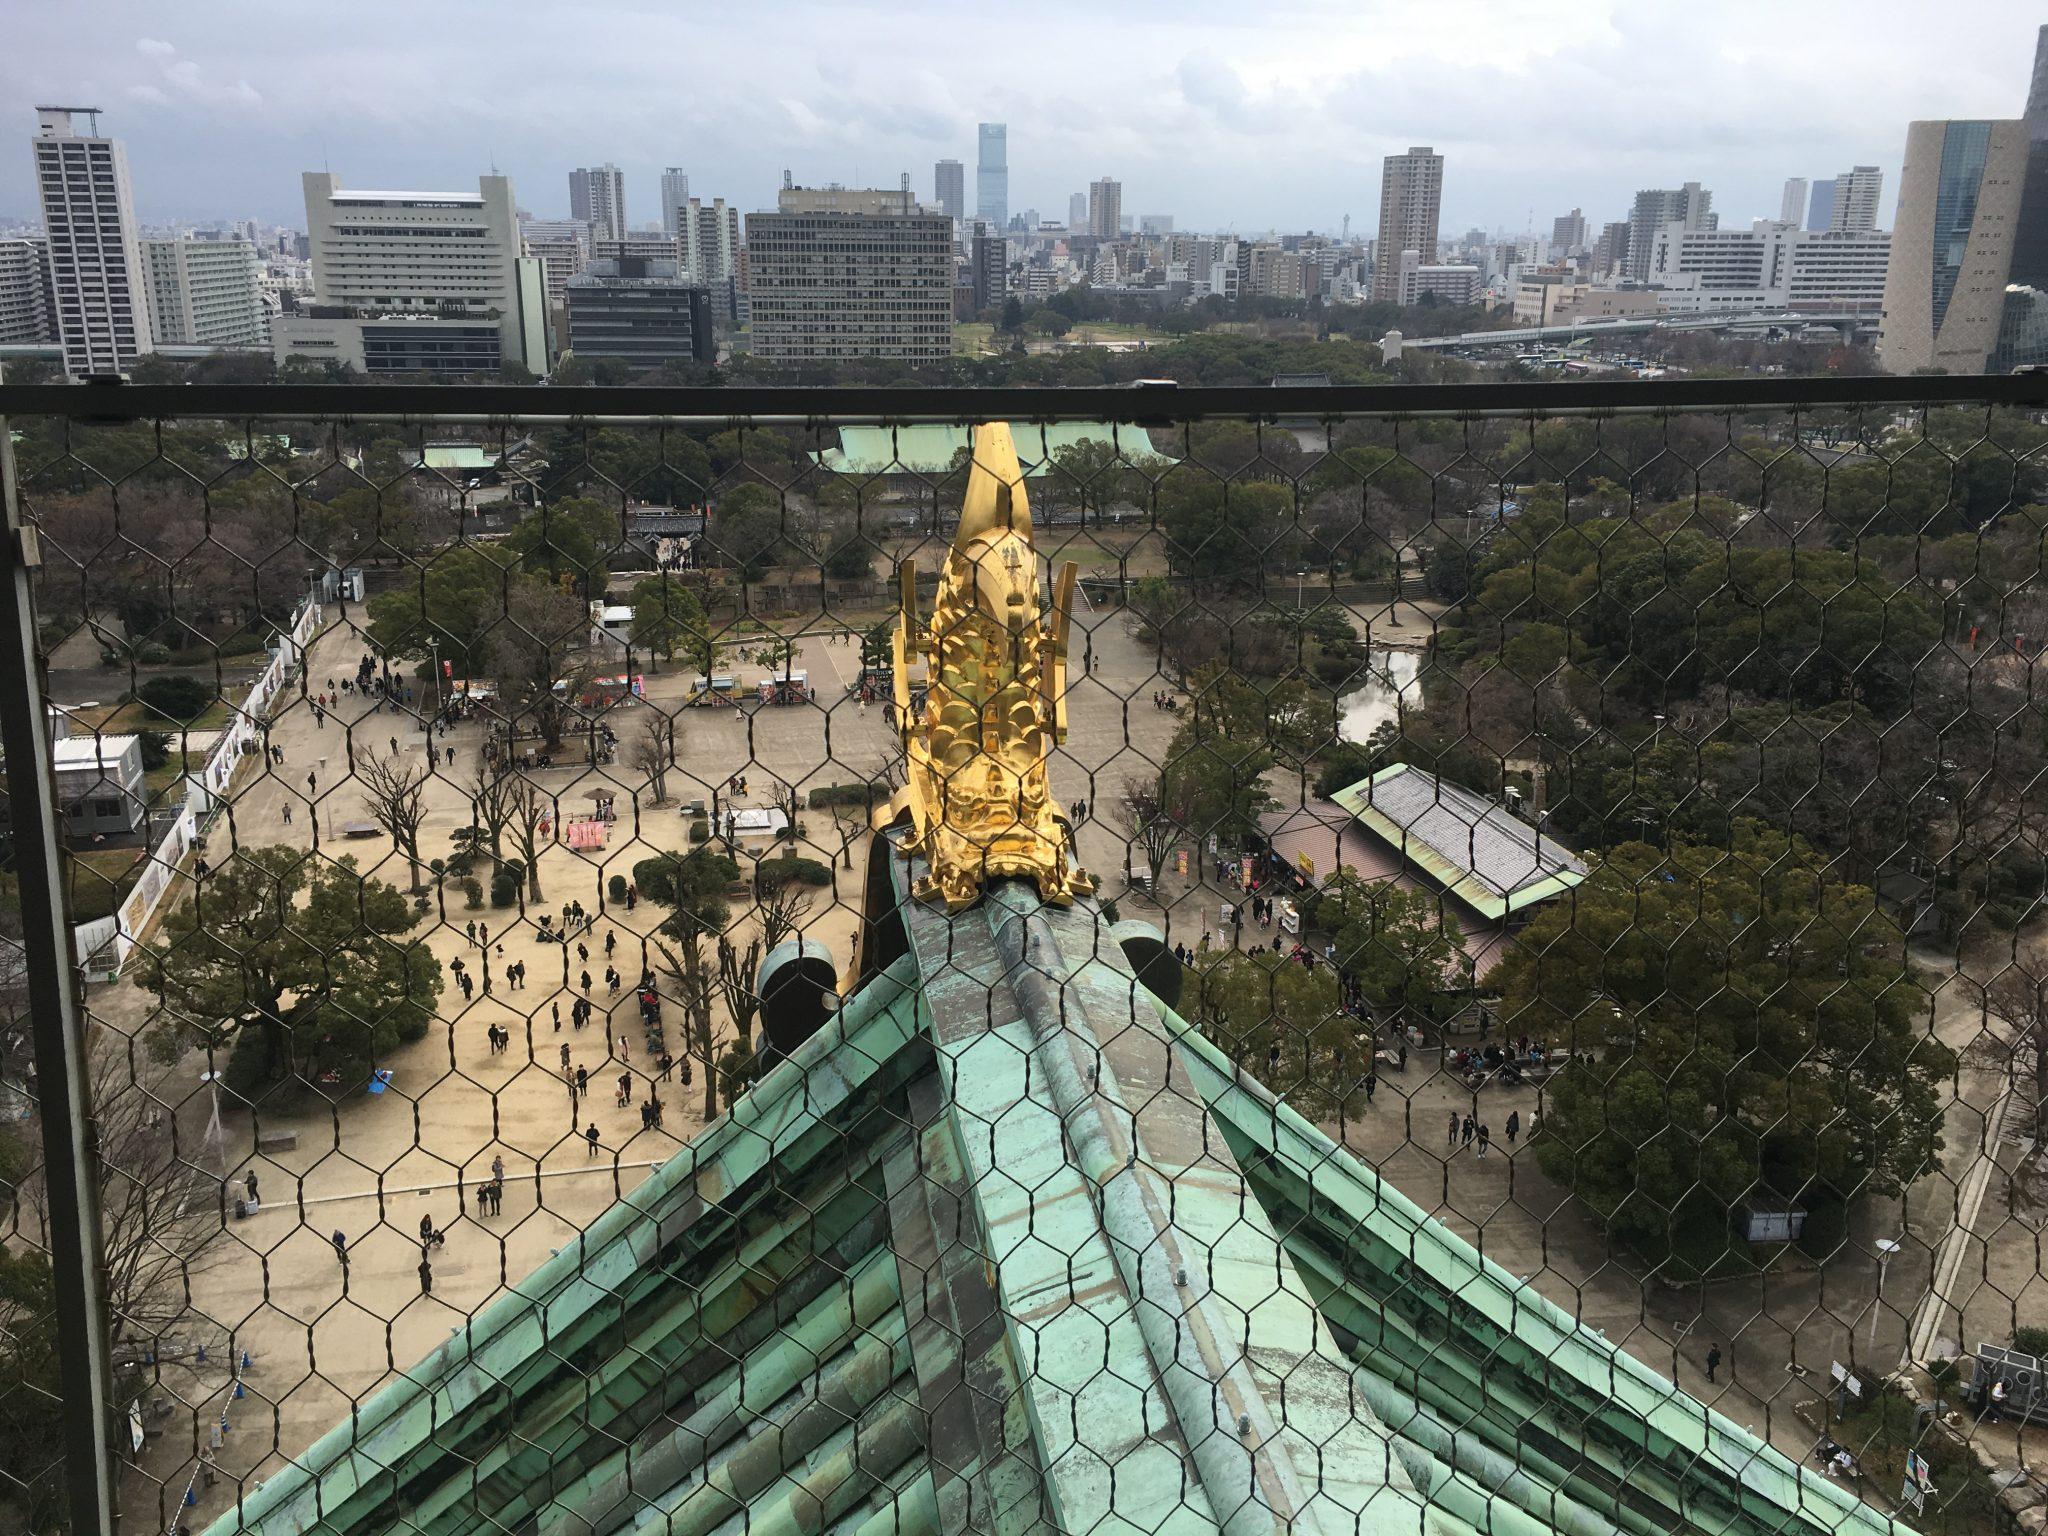 오사카성 내부에서 전망